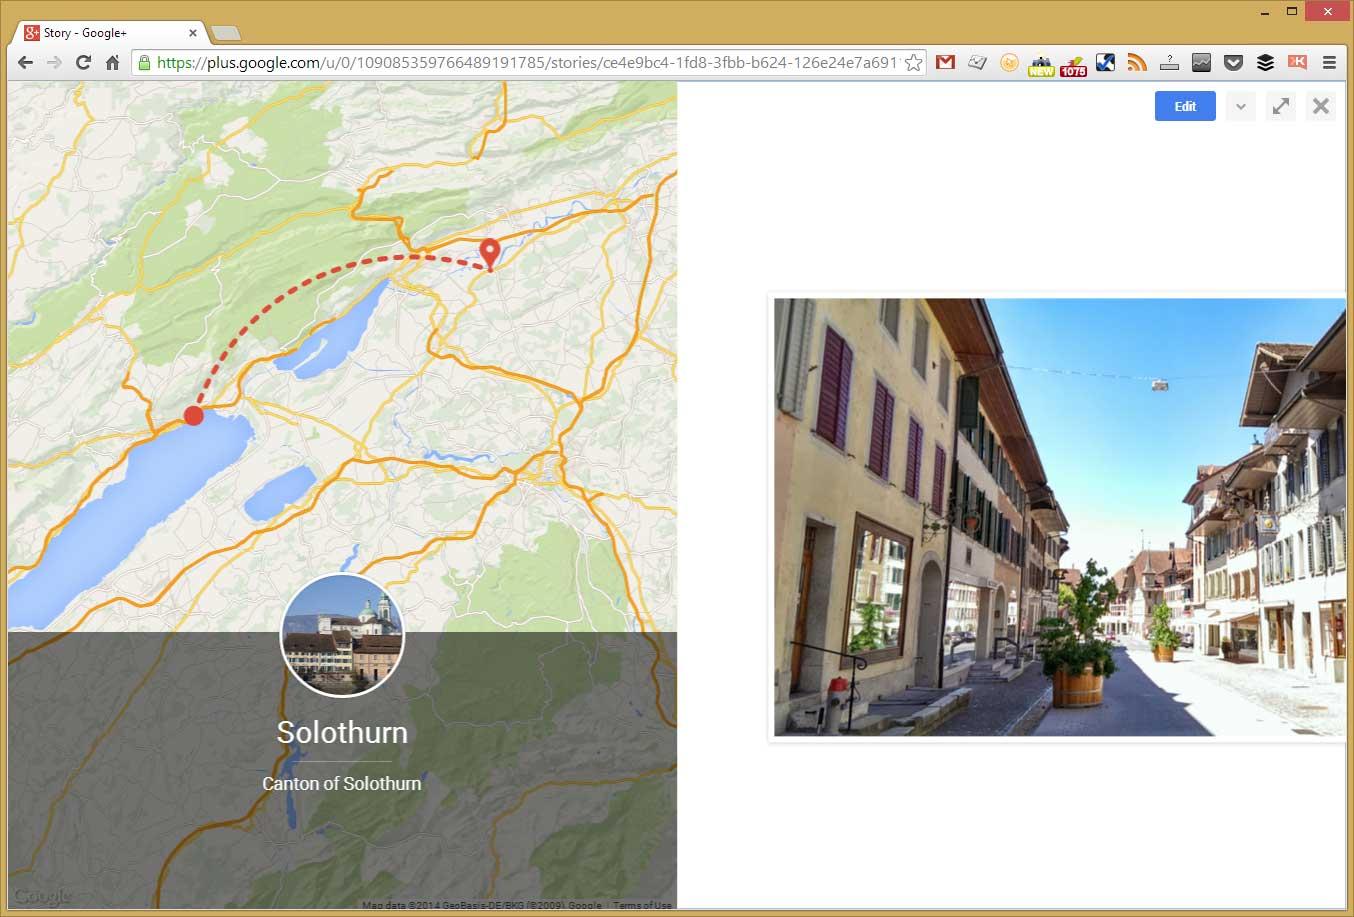 Automatisch generierte Kartenausschnitte in Google Stories